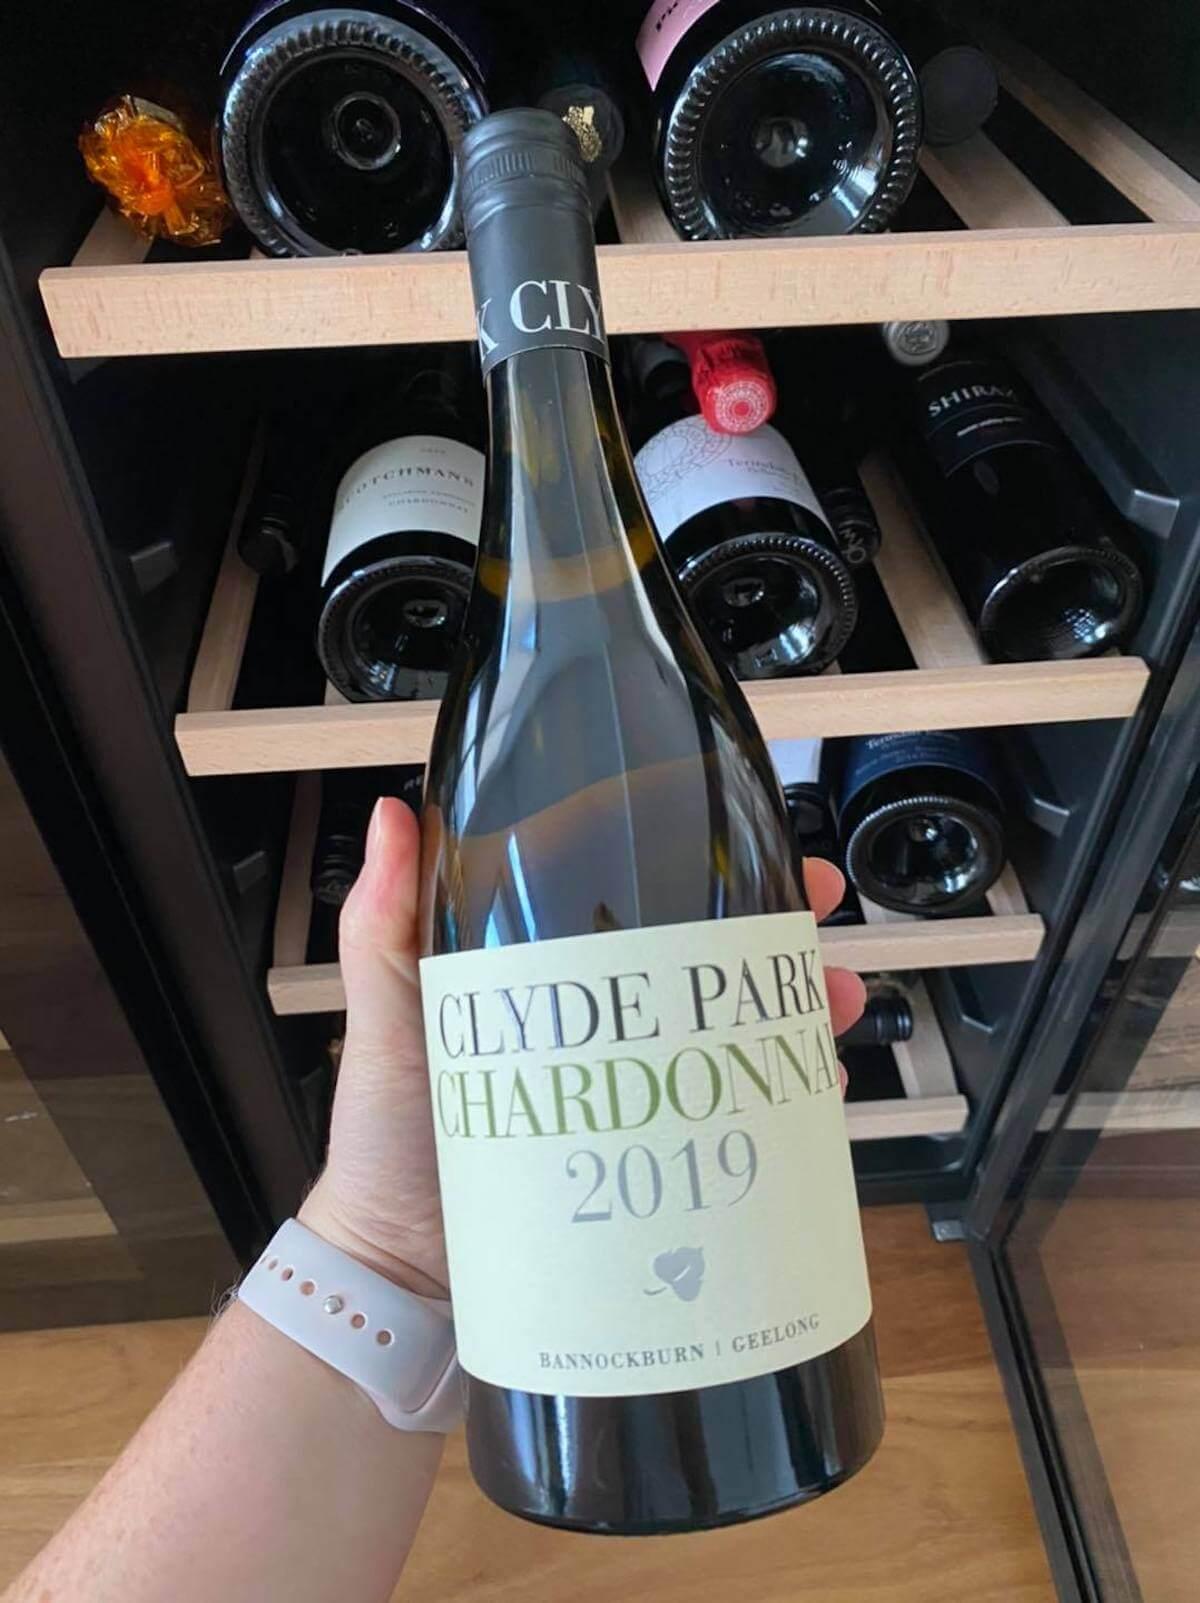 Clyde-Park-Chardonnay-2019-Geelong